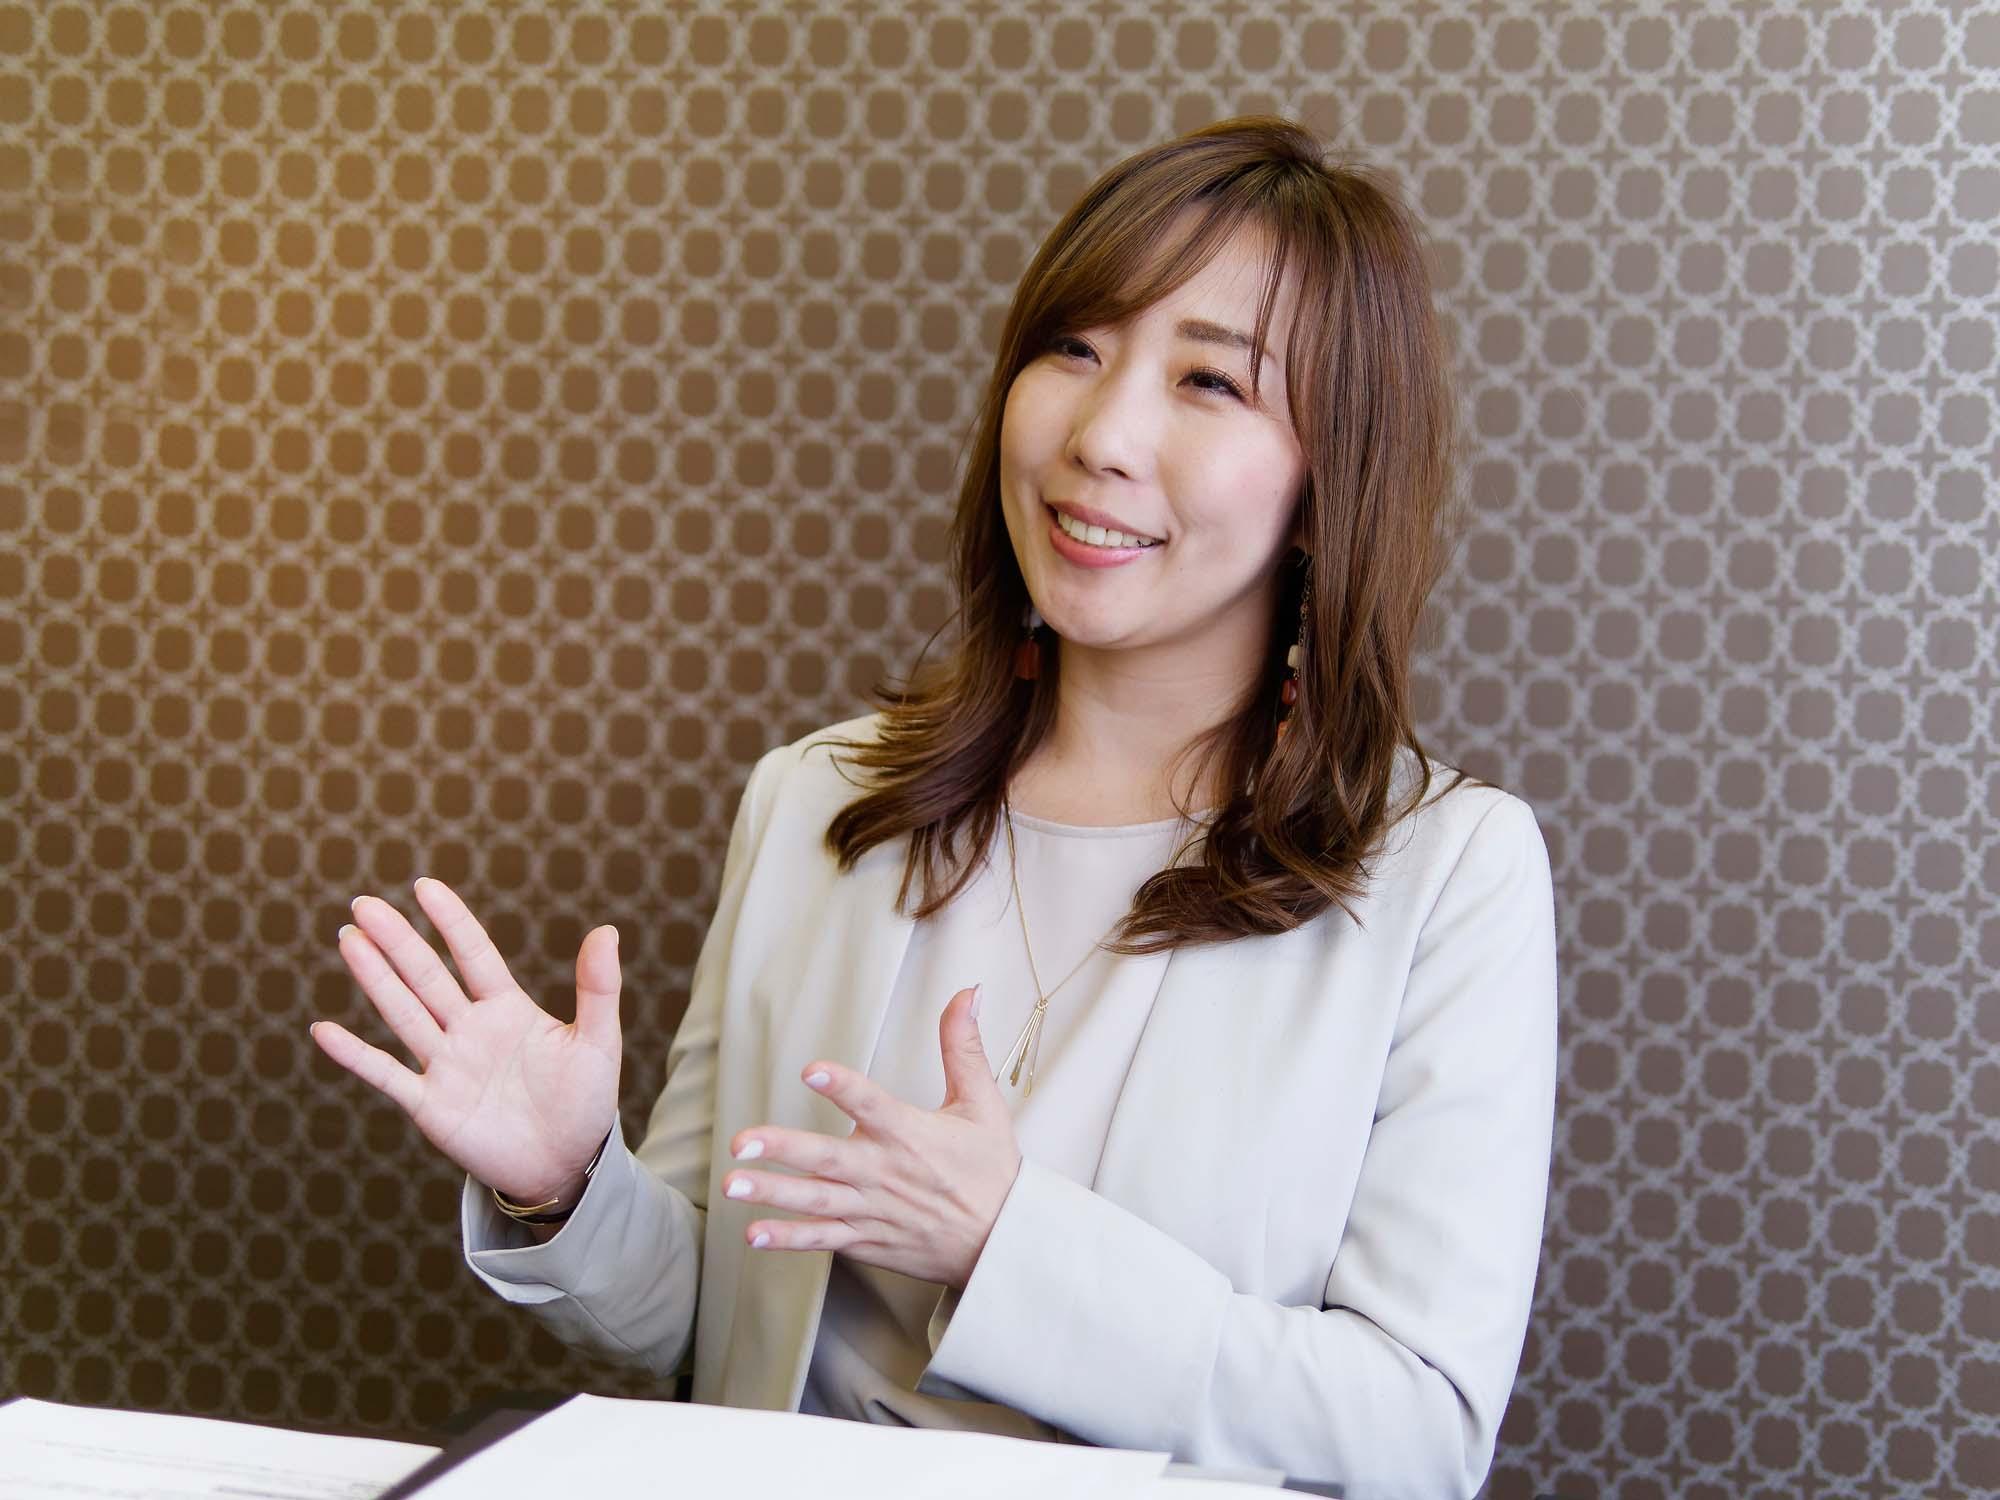 「産休・育休中のスタッフとも、各店舗のオーナーや店長が連絡を取り合っています」と行田さん。保活の進捗なども報告し、一緒に復帰の時期を決めていくのだという